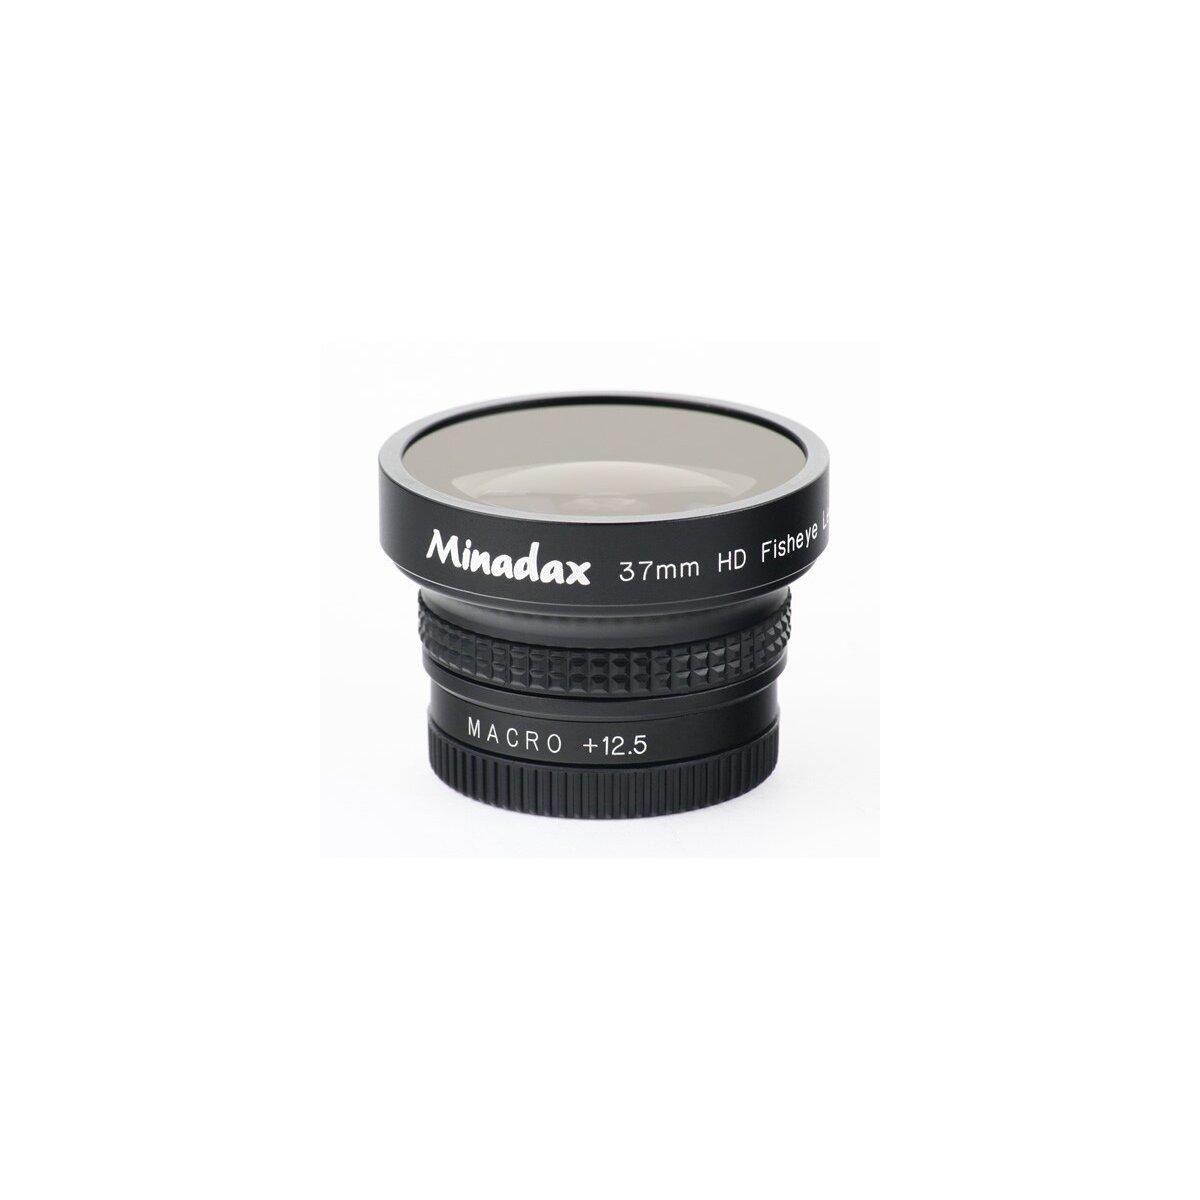 Minadax 0.42x Fisheye Vorsatz kompatibel mit Sony DSC-P150, DSC-P120, DSC-P100